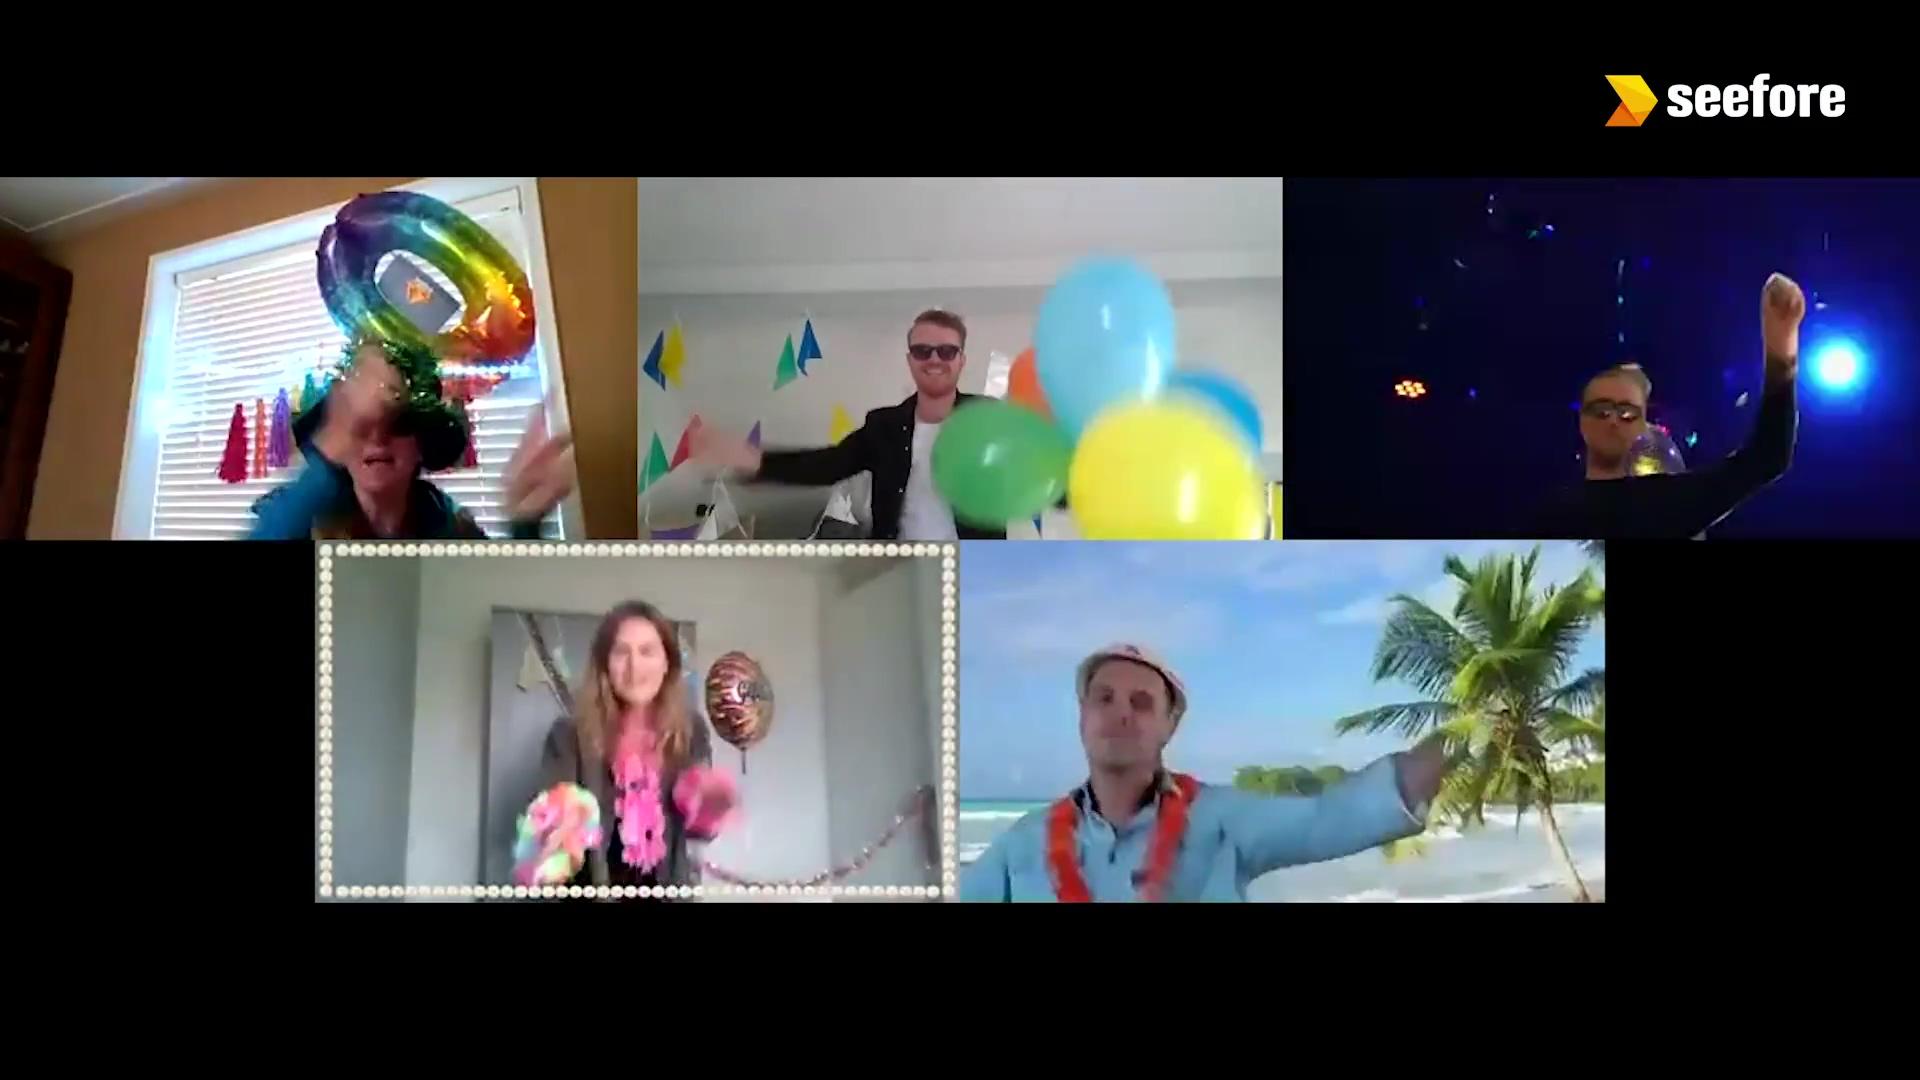 Seefore_diamond_video_II